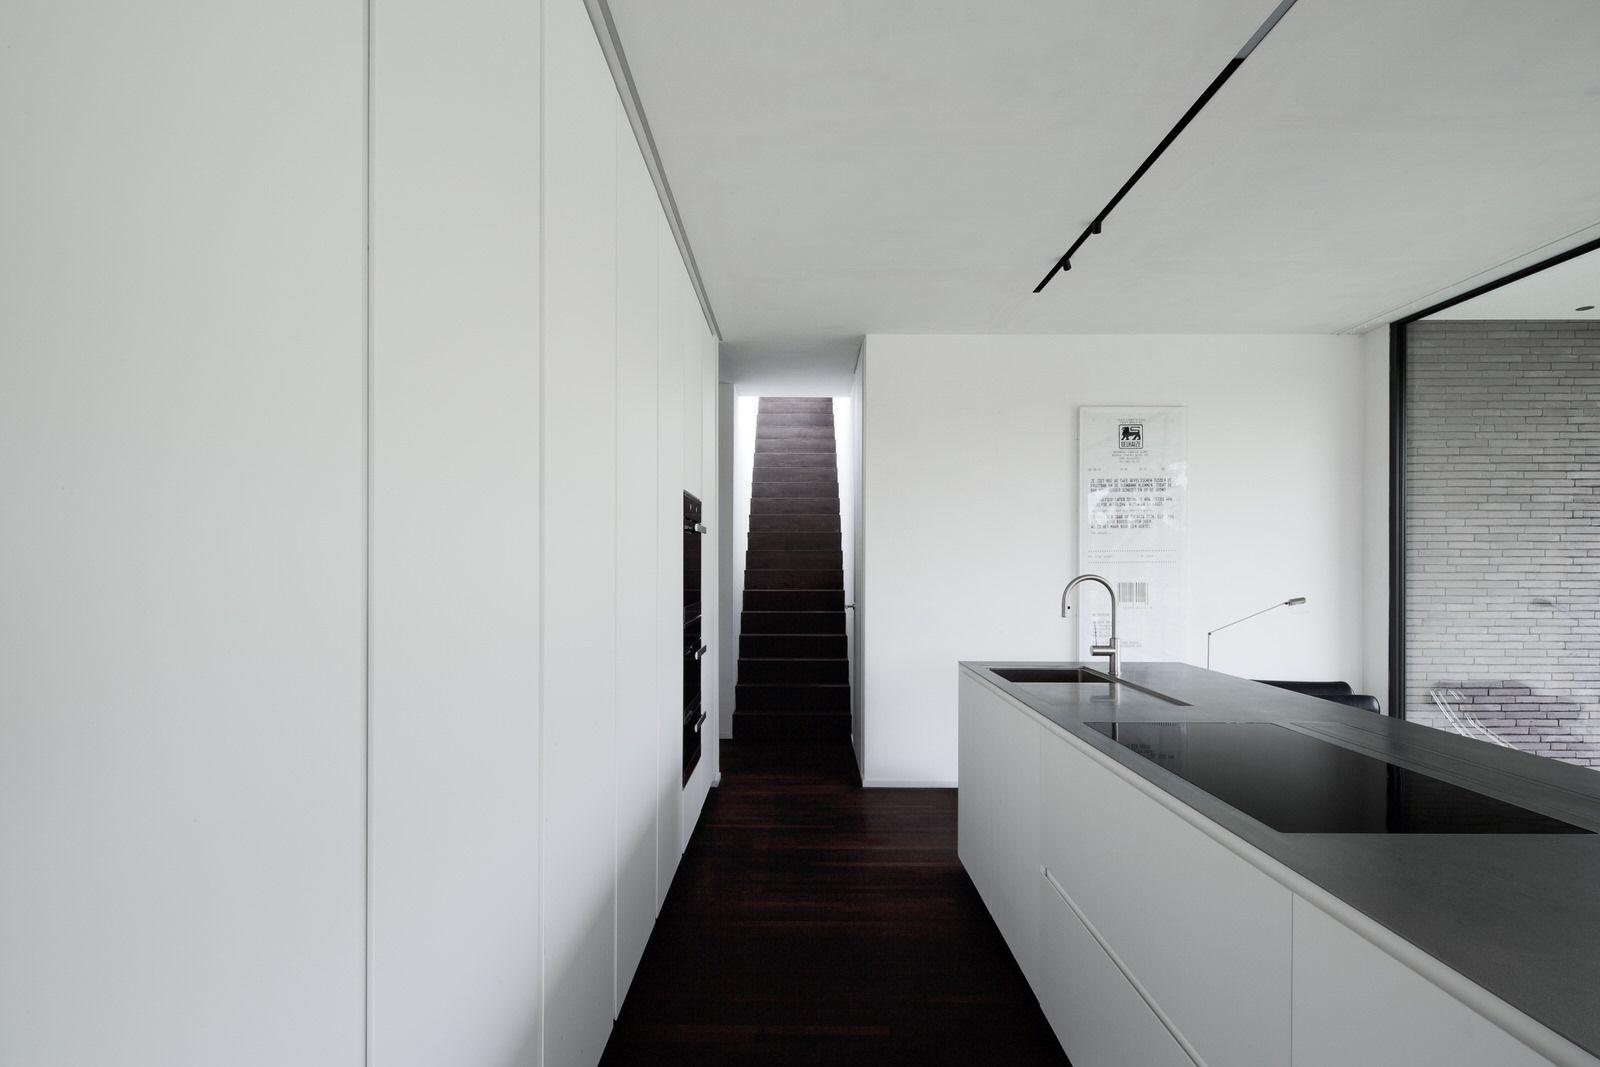 Strakke Witte Keuken : Wengé parket loopt door in trap strakke witte keuken met inox